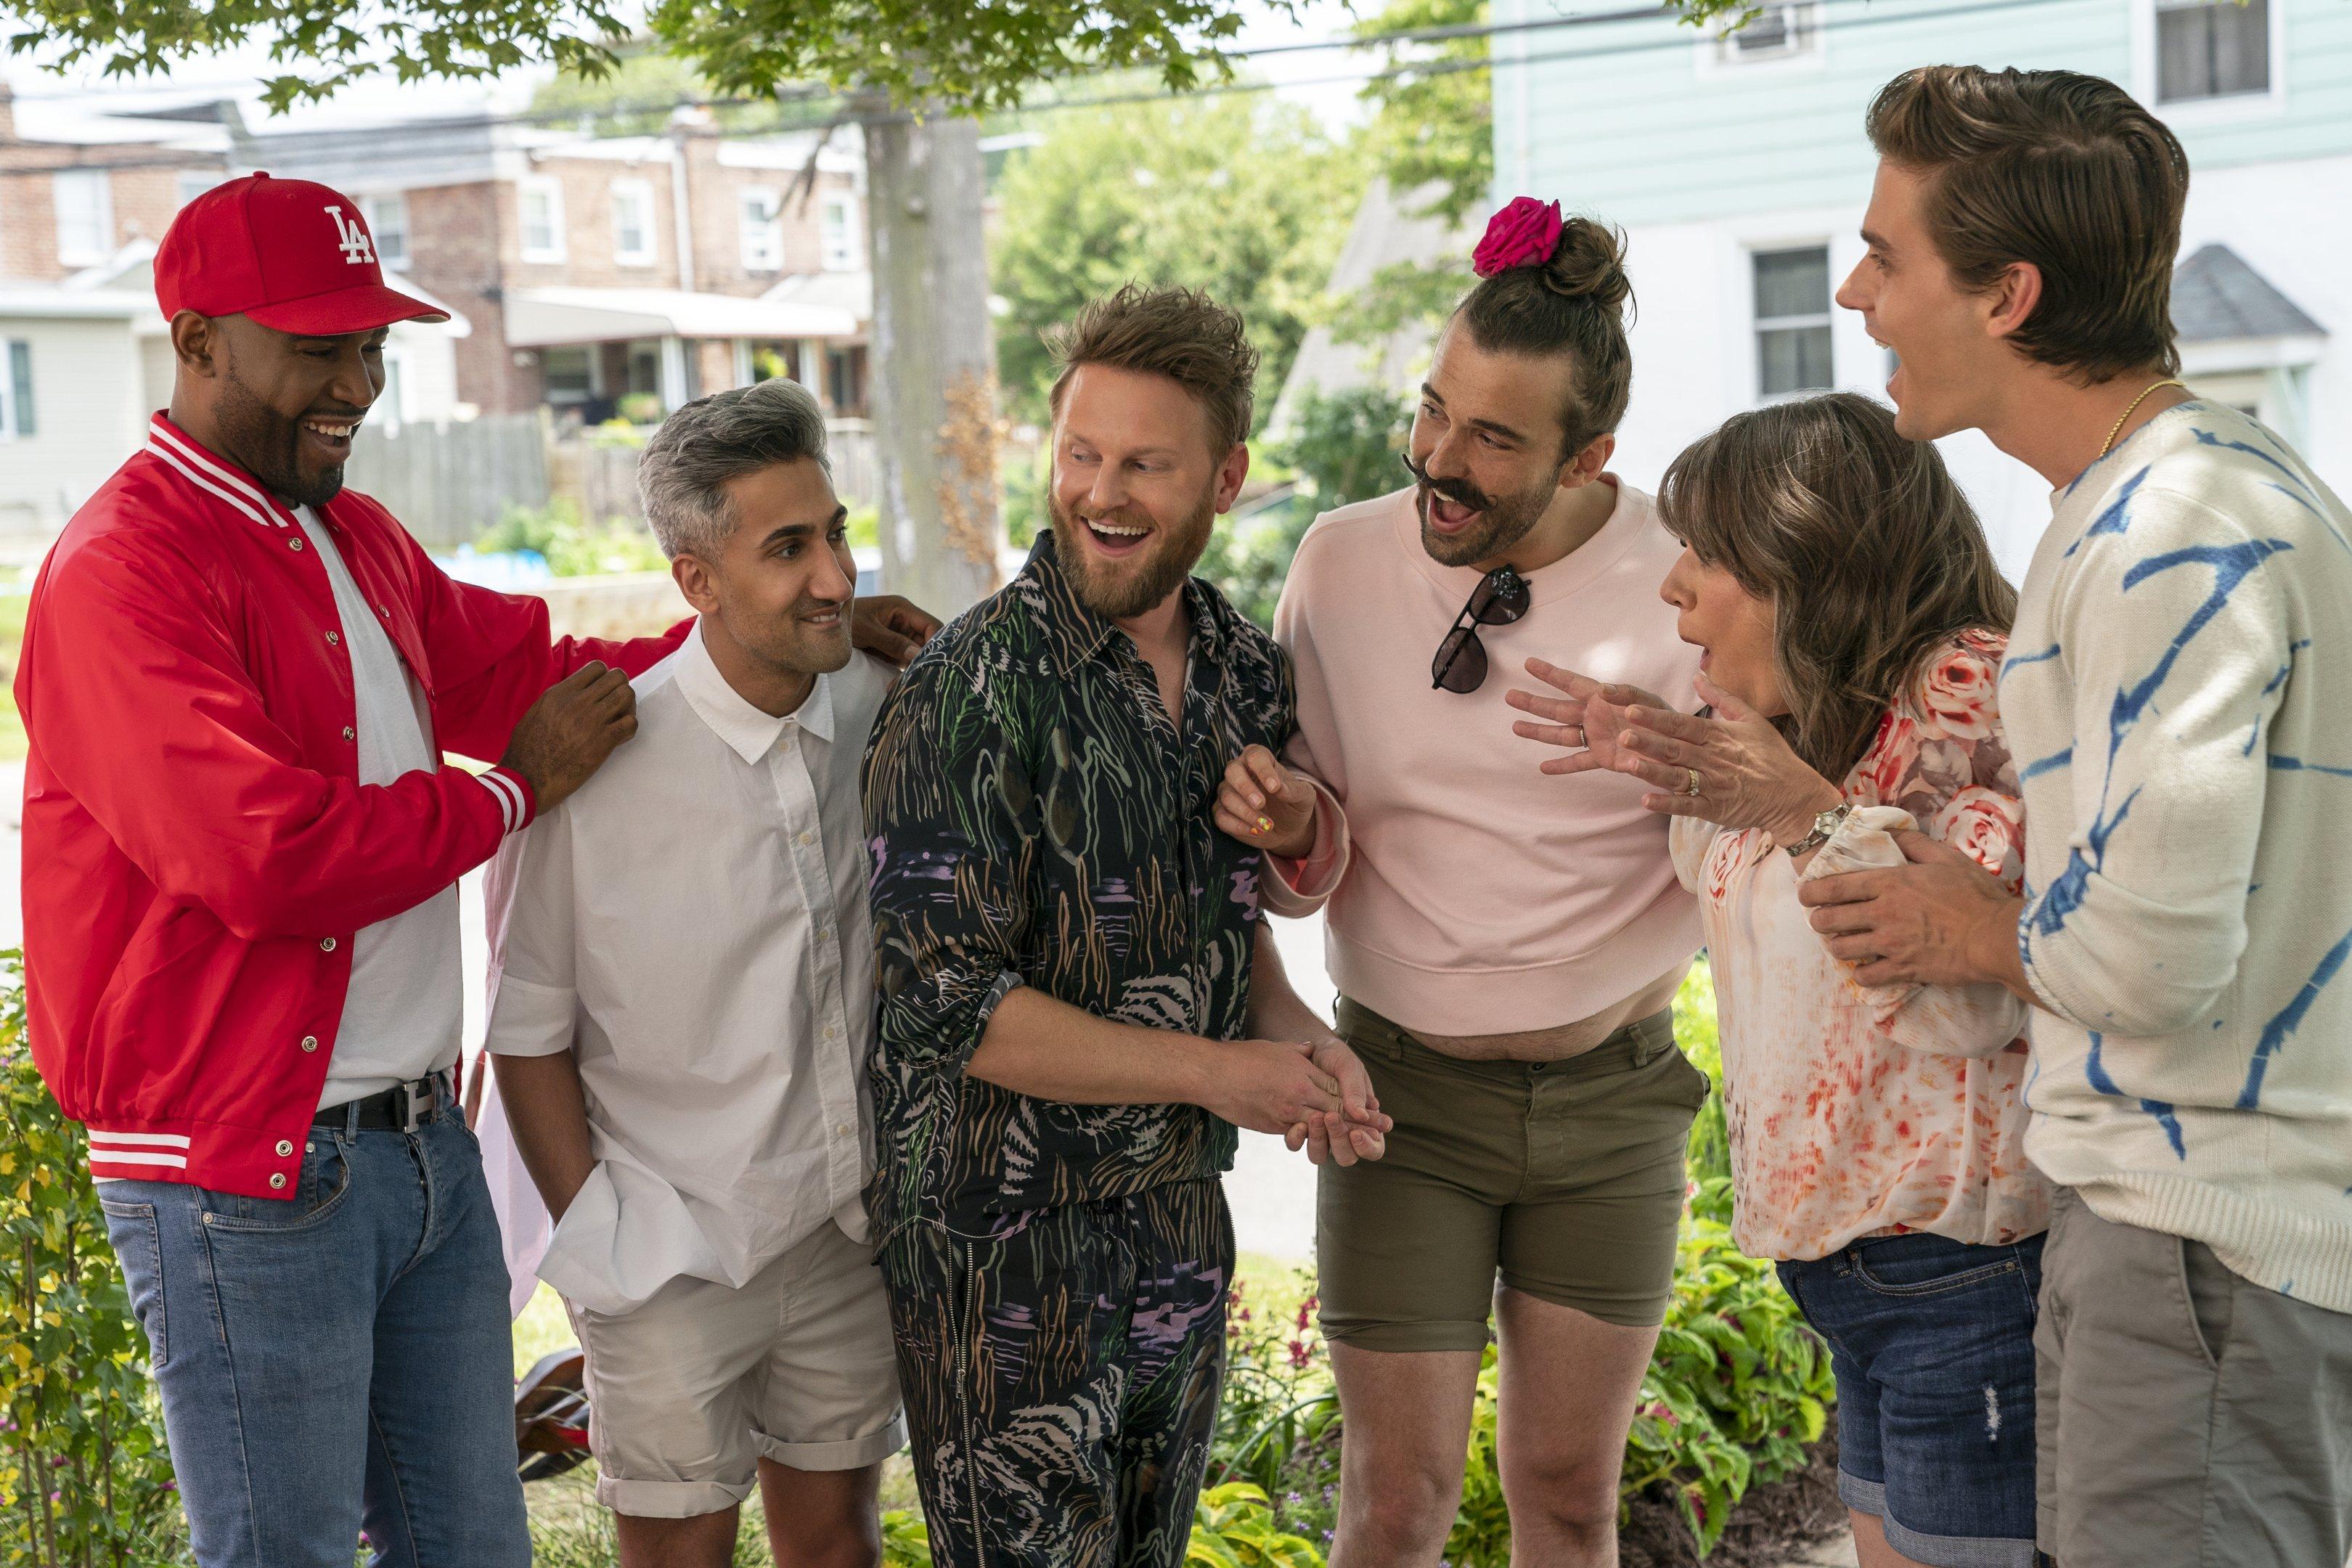 Elenco de Queer Eye na quinta temporada: reality show da Netflix